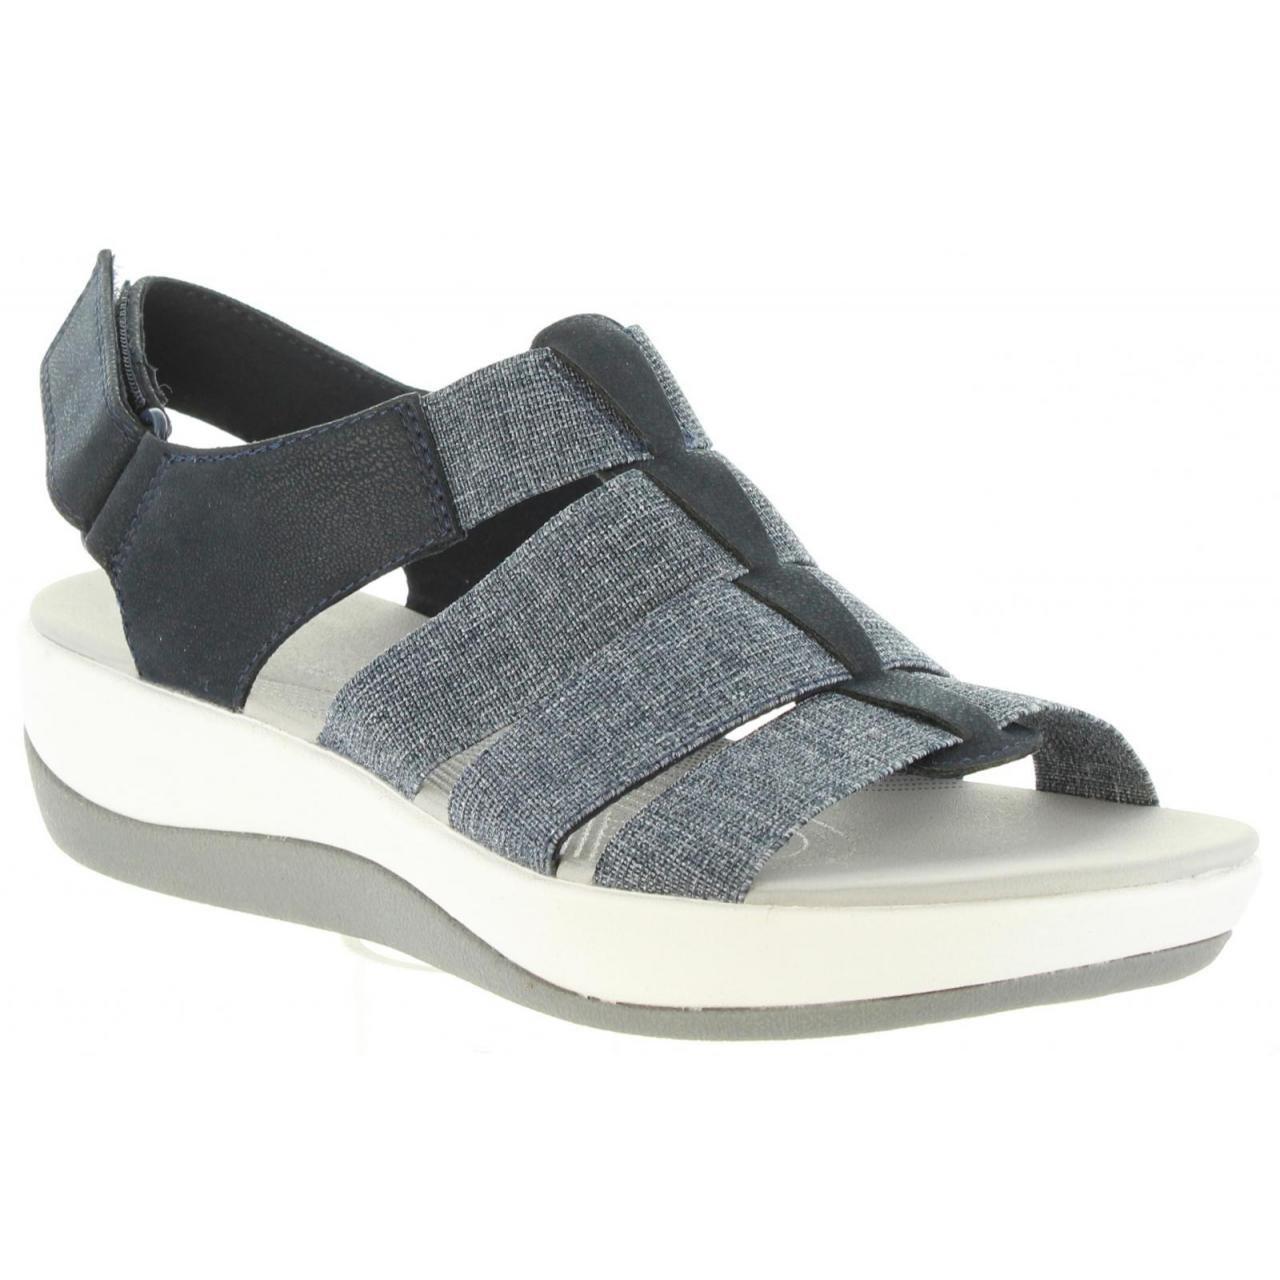 Clarks Sandalen für ARLA Damen 26128907 ARLA für Navy-Weiß Navy 6dd2c0